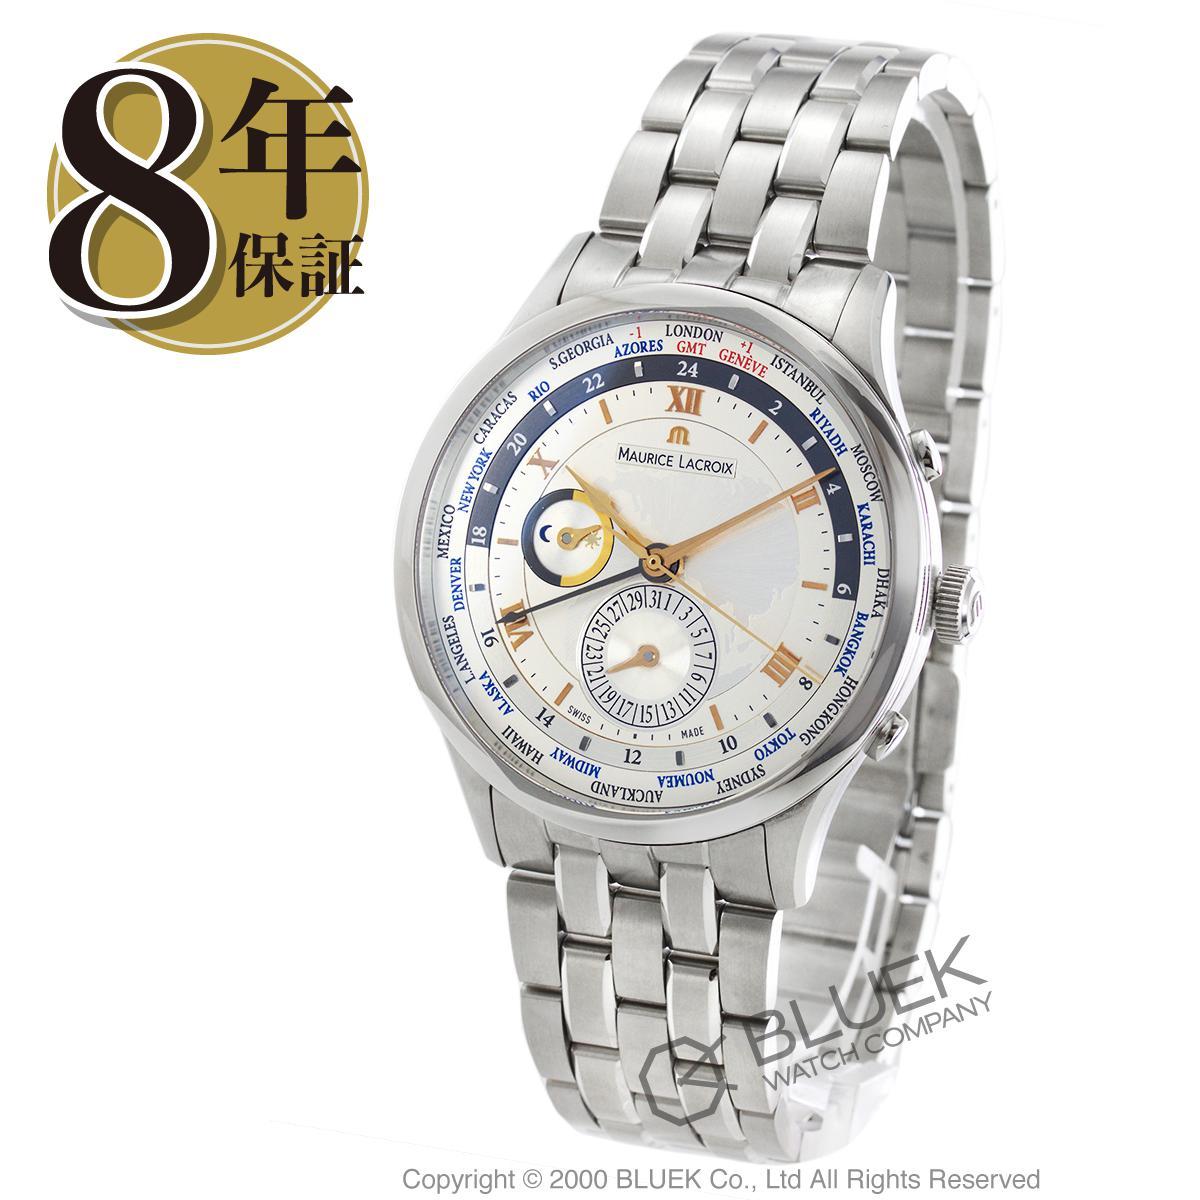 モーリス・ラクロア マスターピース トラディション ワールドタイマー GMT 腕時計 メンズ MAURICE LACROIX MP6008-SS002-110_8